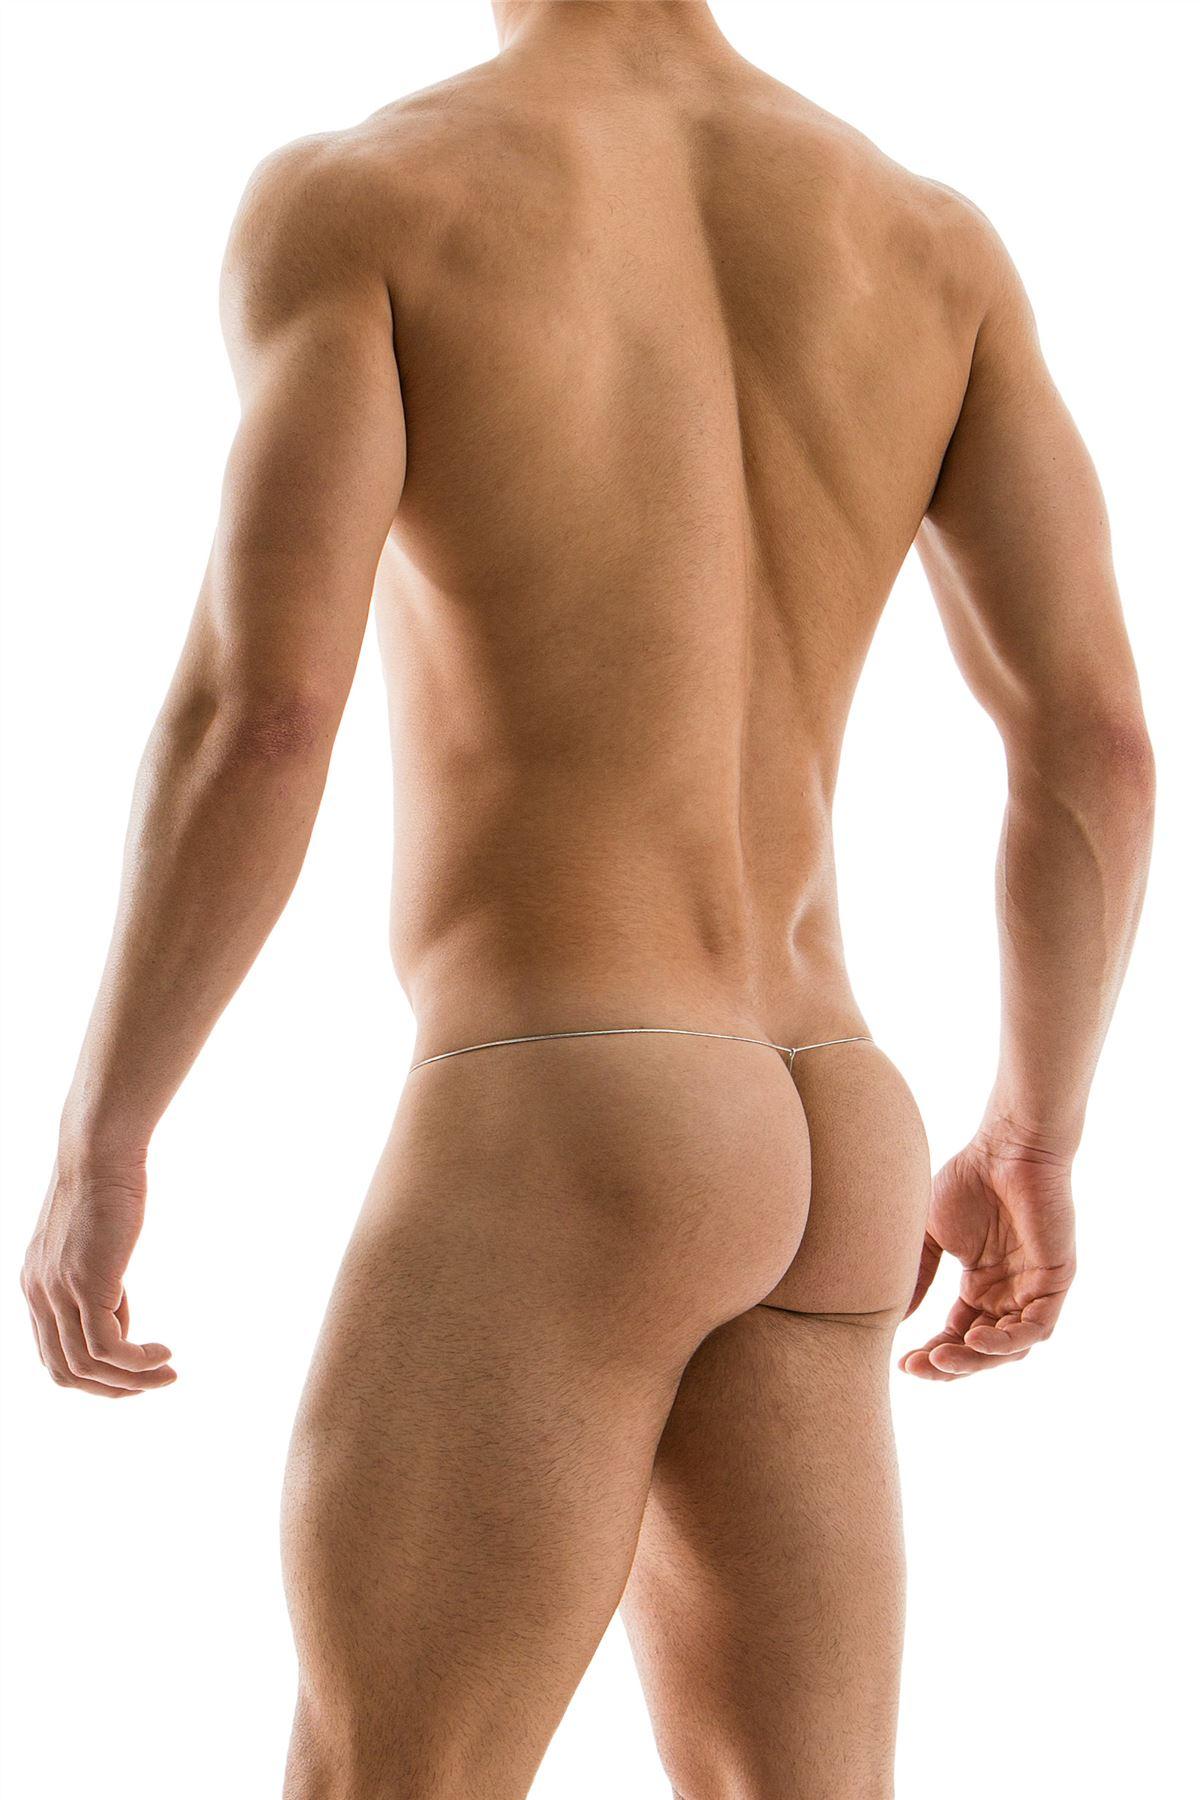 Modus Vivendi Premium T-String Sequin Sexy Sexy Sexy Revealing Designer Mens G-string | Online Shop  | Üppiges Design  | Lass unsere Waren in die Welt gehen  | Qualität und Quantität garantiert  | Billig  3b5566